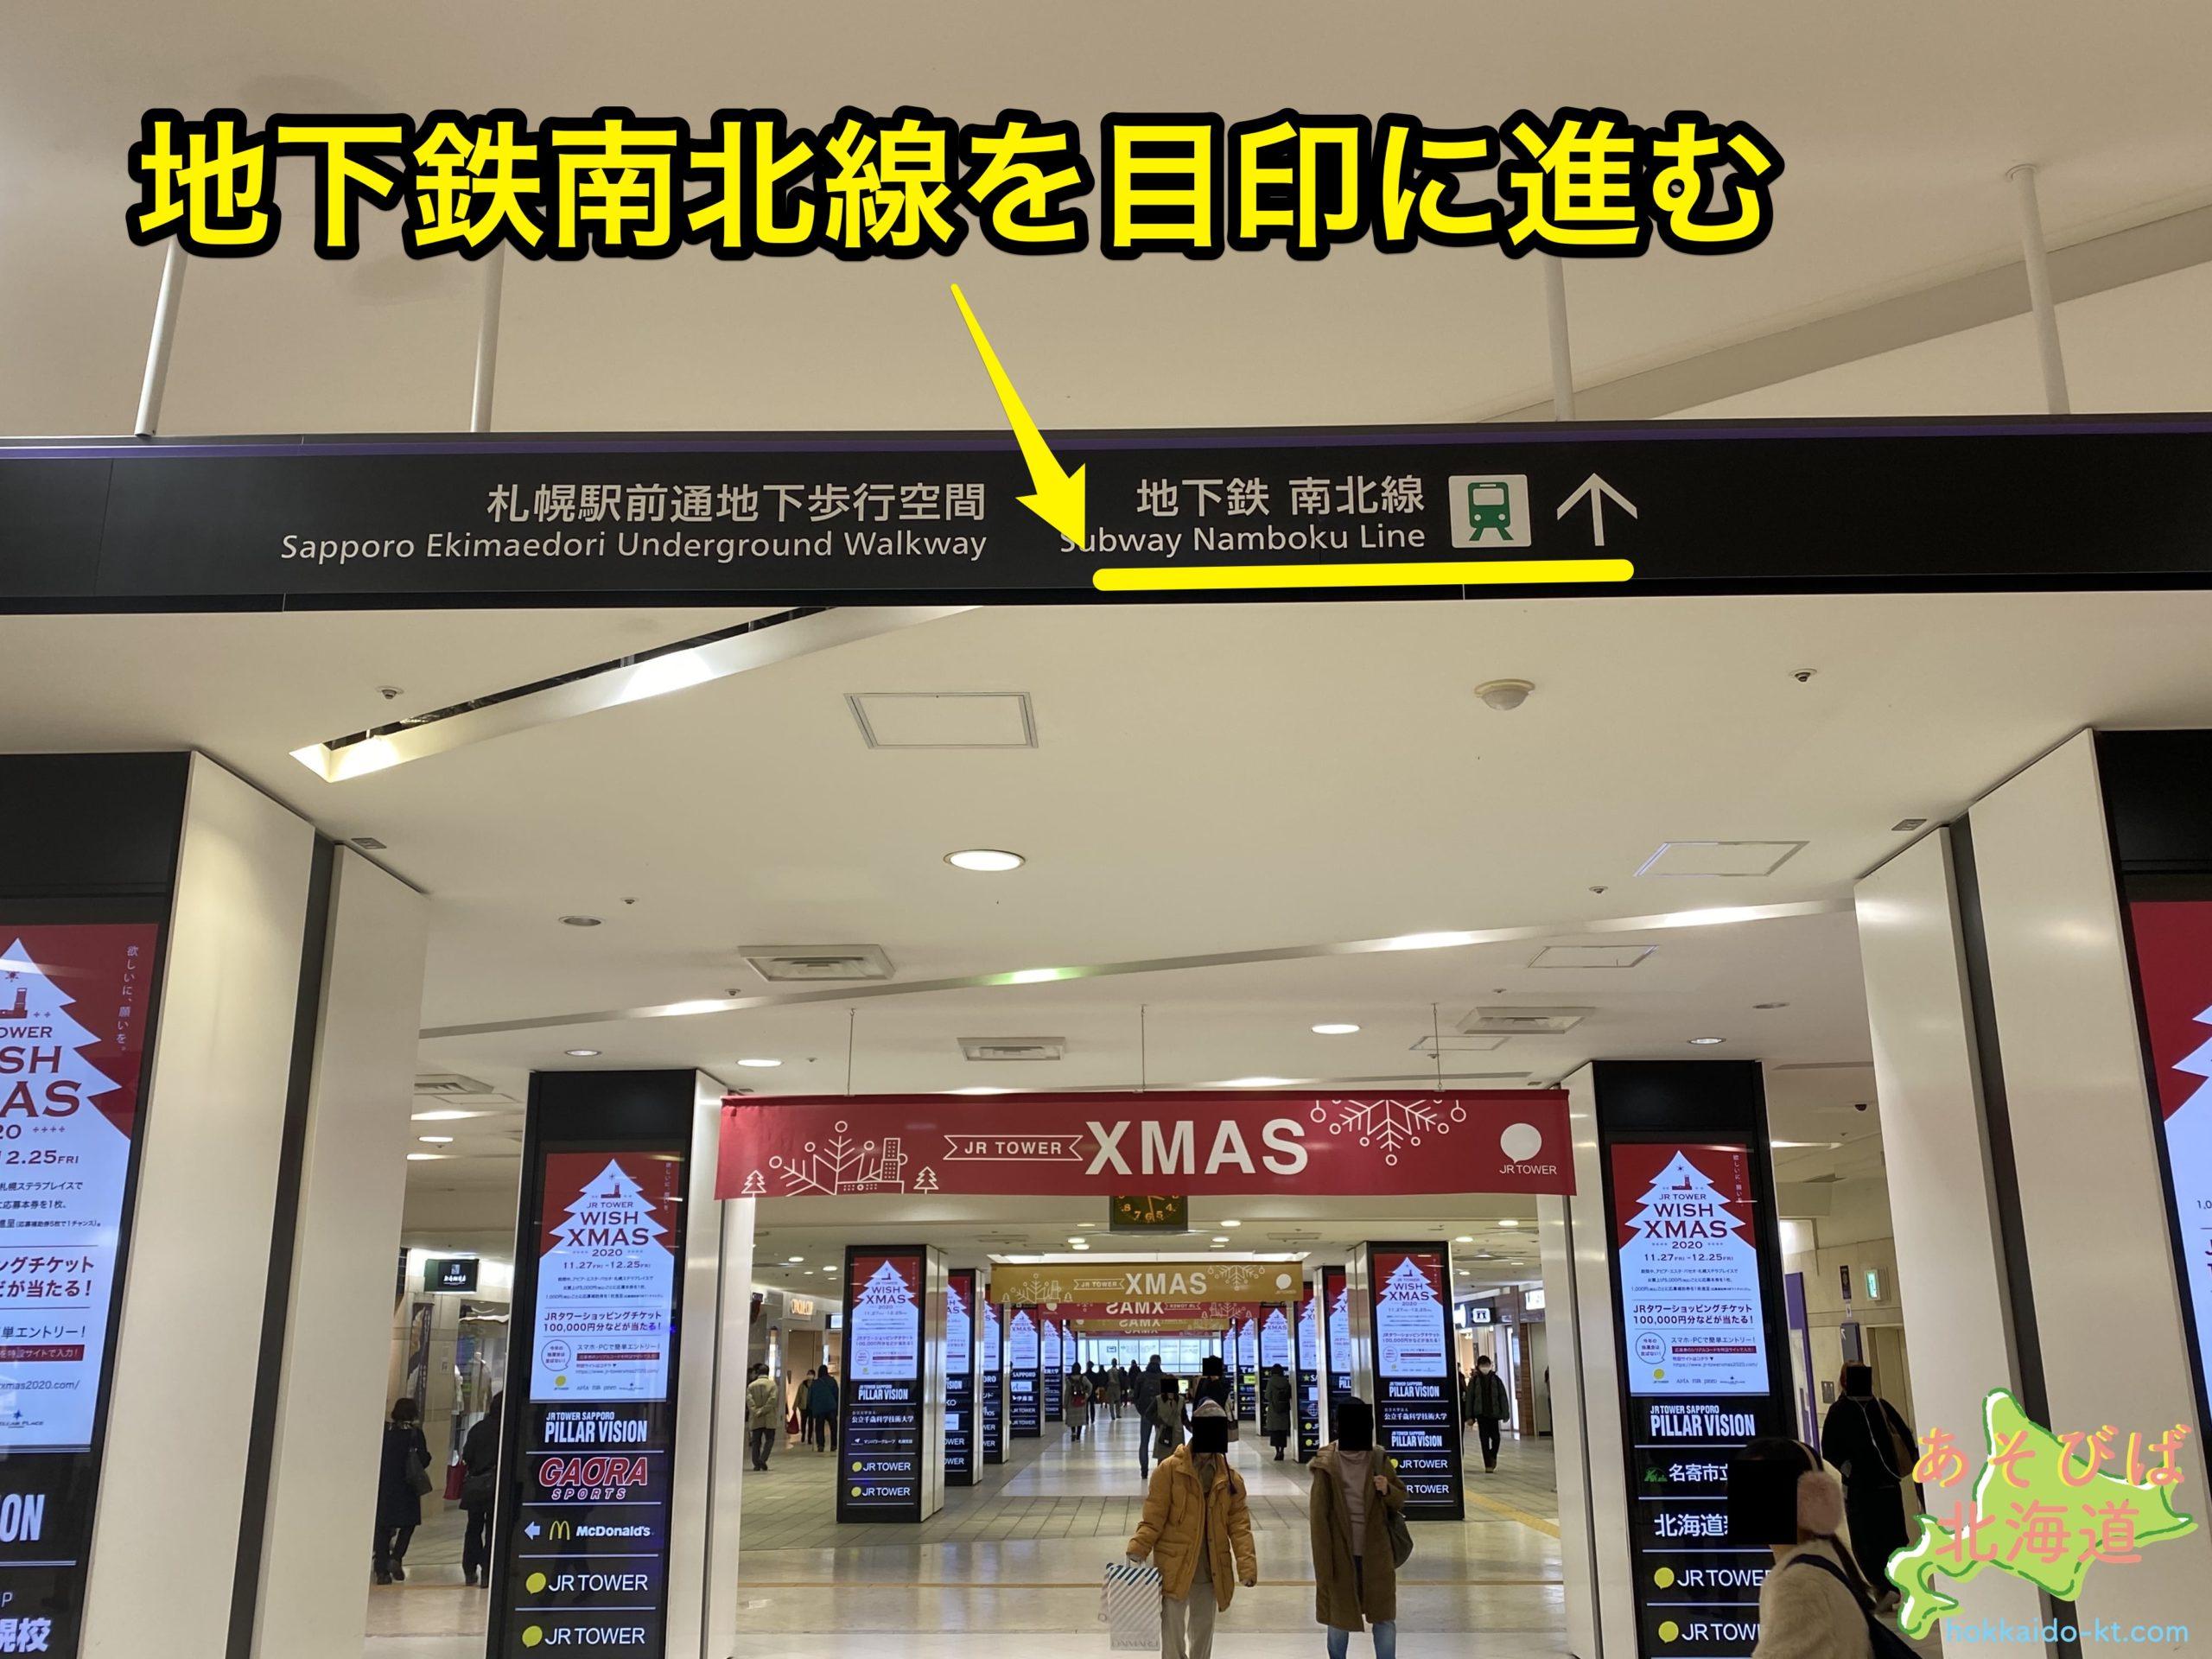 札幌駅地下鉄南北線方面